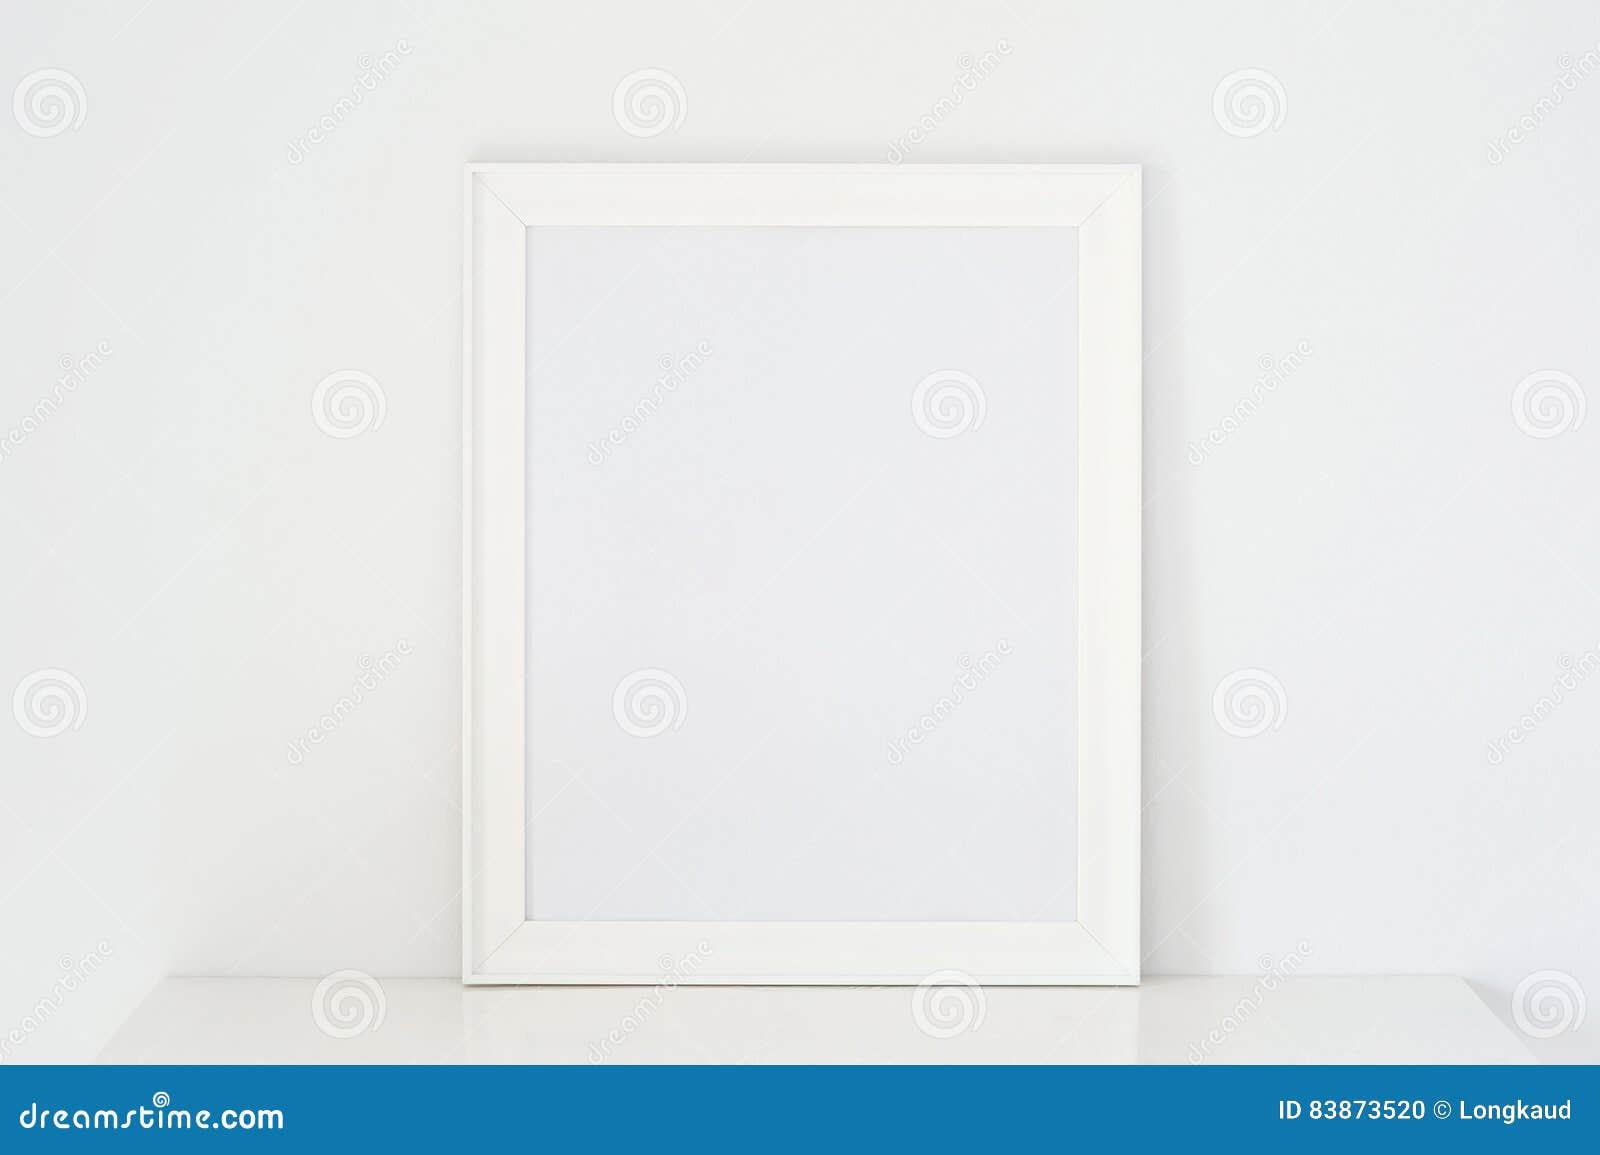 Frame white stock photo. Image of modern, blank, mock - 83873520